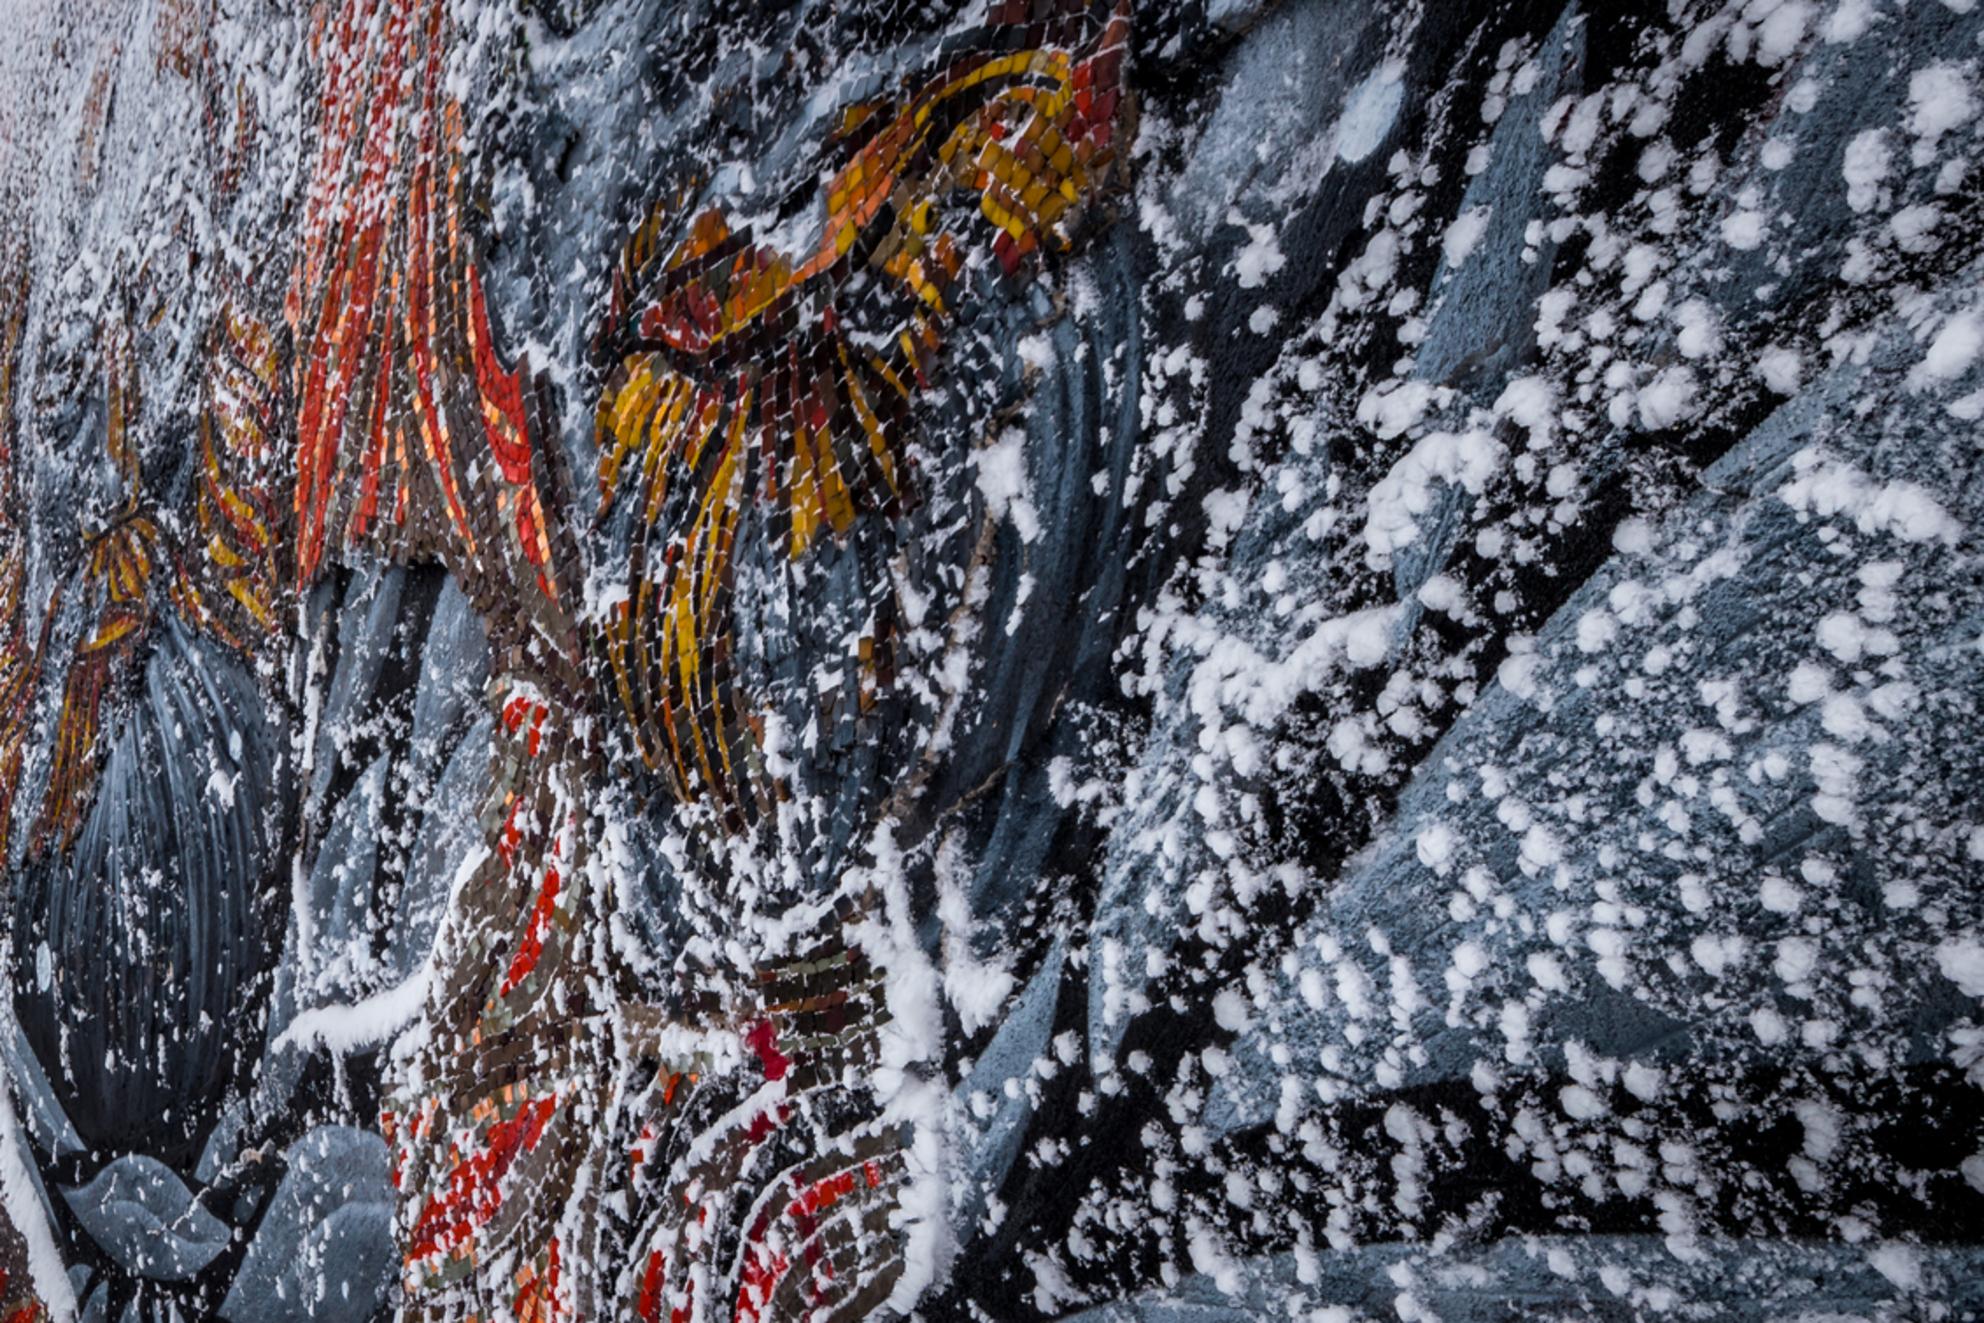 Buzludzha - Buzludha is een historische piek (1,432 mtr hoog) van de Balkan bergen in Bulgarije. In 1868 vond hier de laatste slag tussen Bulgaarse rebels en het - foto door esmeralda160867 op 04-04-2018 - deze foto bevat: oud, architectuur, gebouw, verlaten, vervallen, urbex, urban exploring - Deze foto mag gebruikt worden in een Zoom.nl publicatie